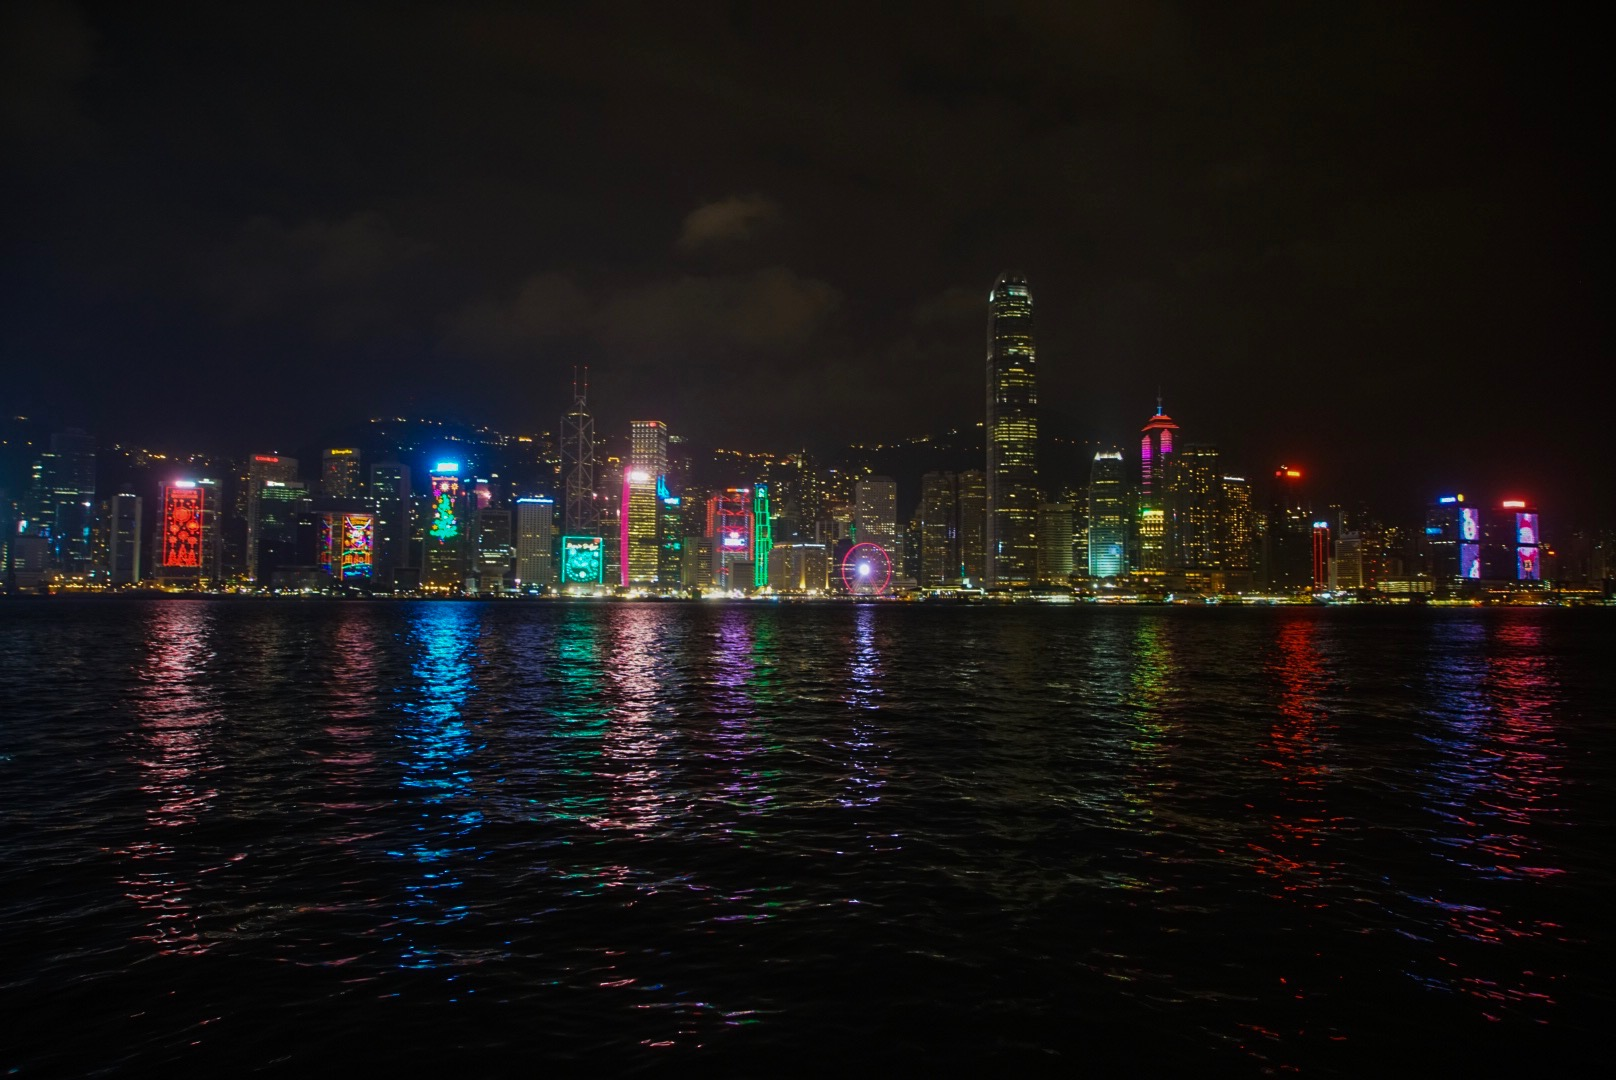 Hong Kong Intercontinental Hotel Views - Harbor